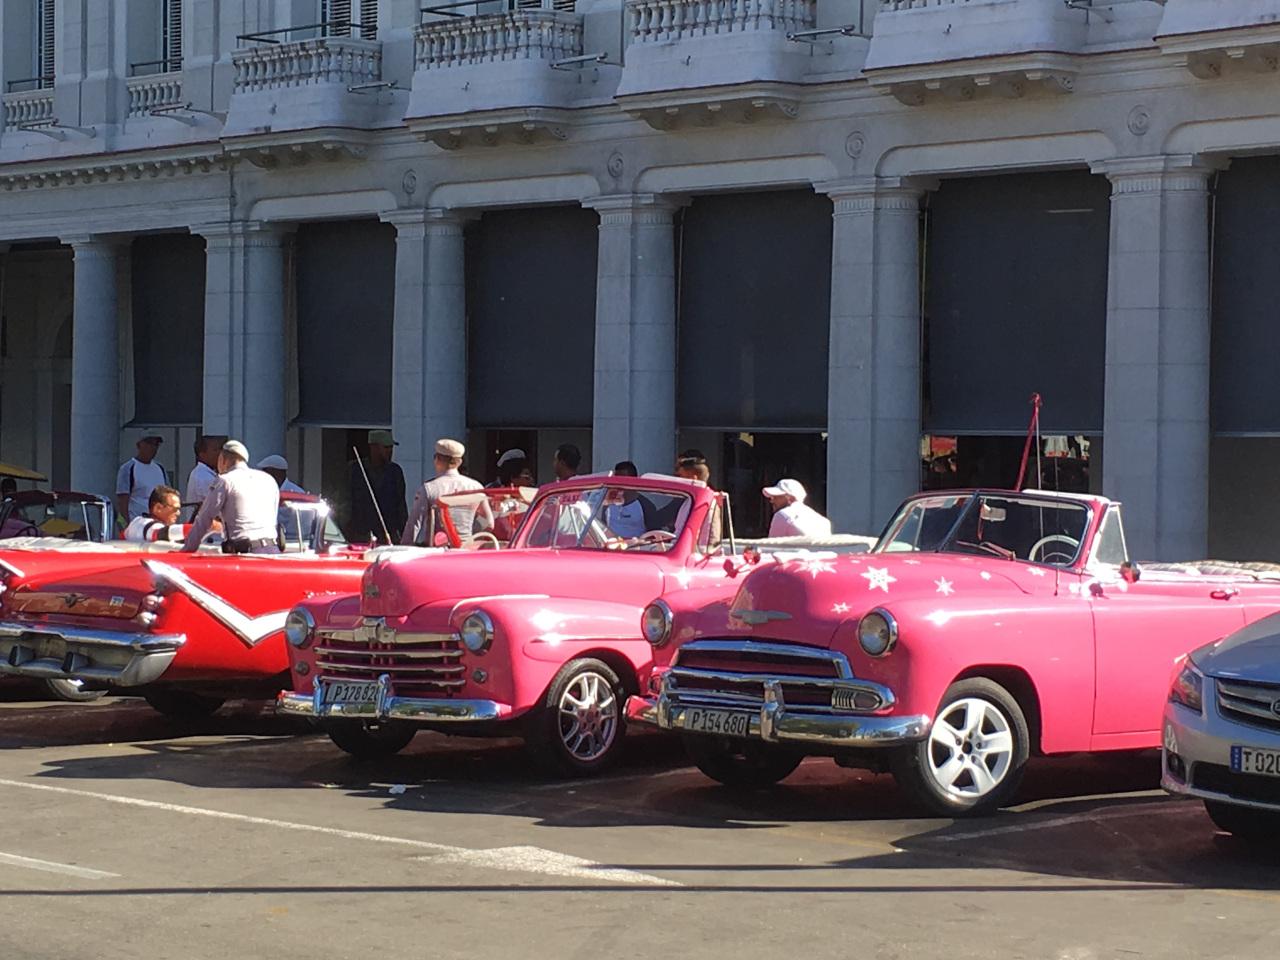 Куба, Классические американские автомобили. Что делать в Гаване, Куба - лучший путеводитель по Гаване Гавана, Куба, еда, отели и советы Гавана, Куба, еда, отели и советы classic cars